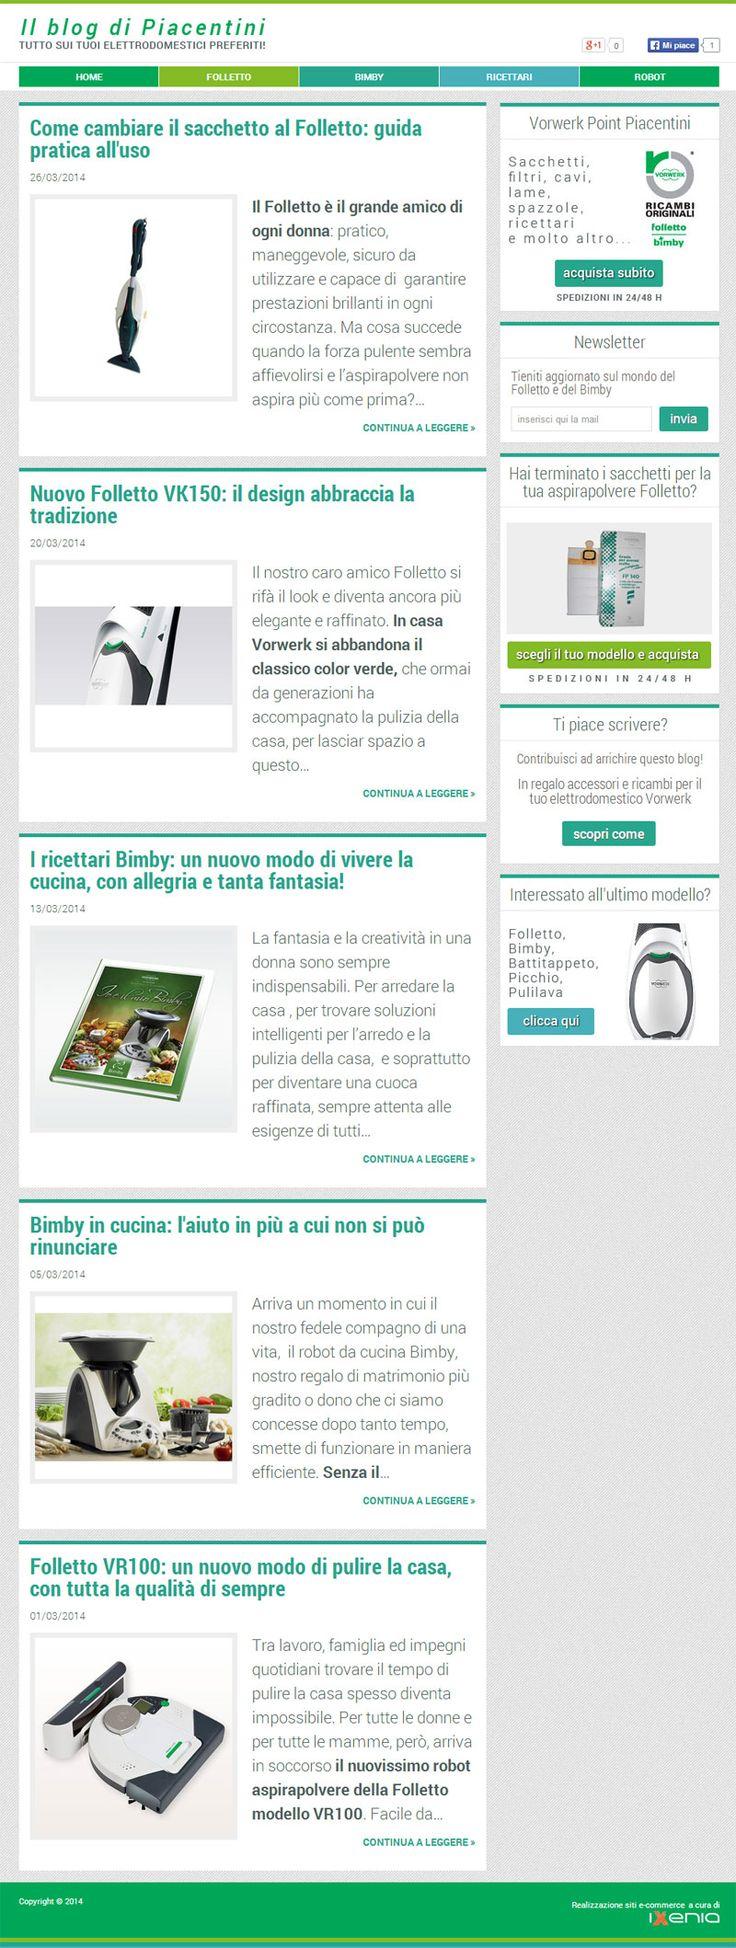 Blog realizzato per Piacentini, rivenditore autorizzato Vorwerk di ricambi originali per tutti i modelli di aspirapolvere Folletto e robot da cucina Bimby